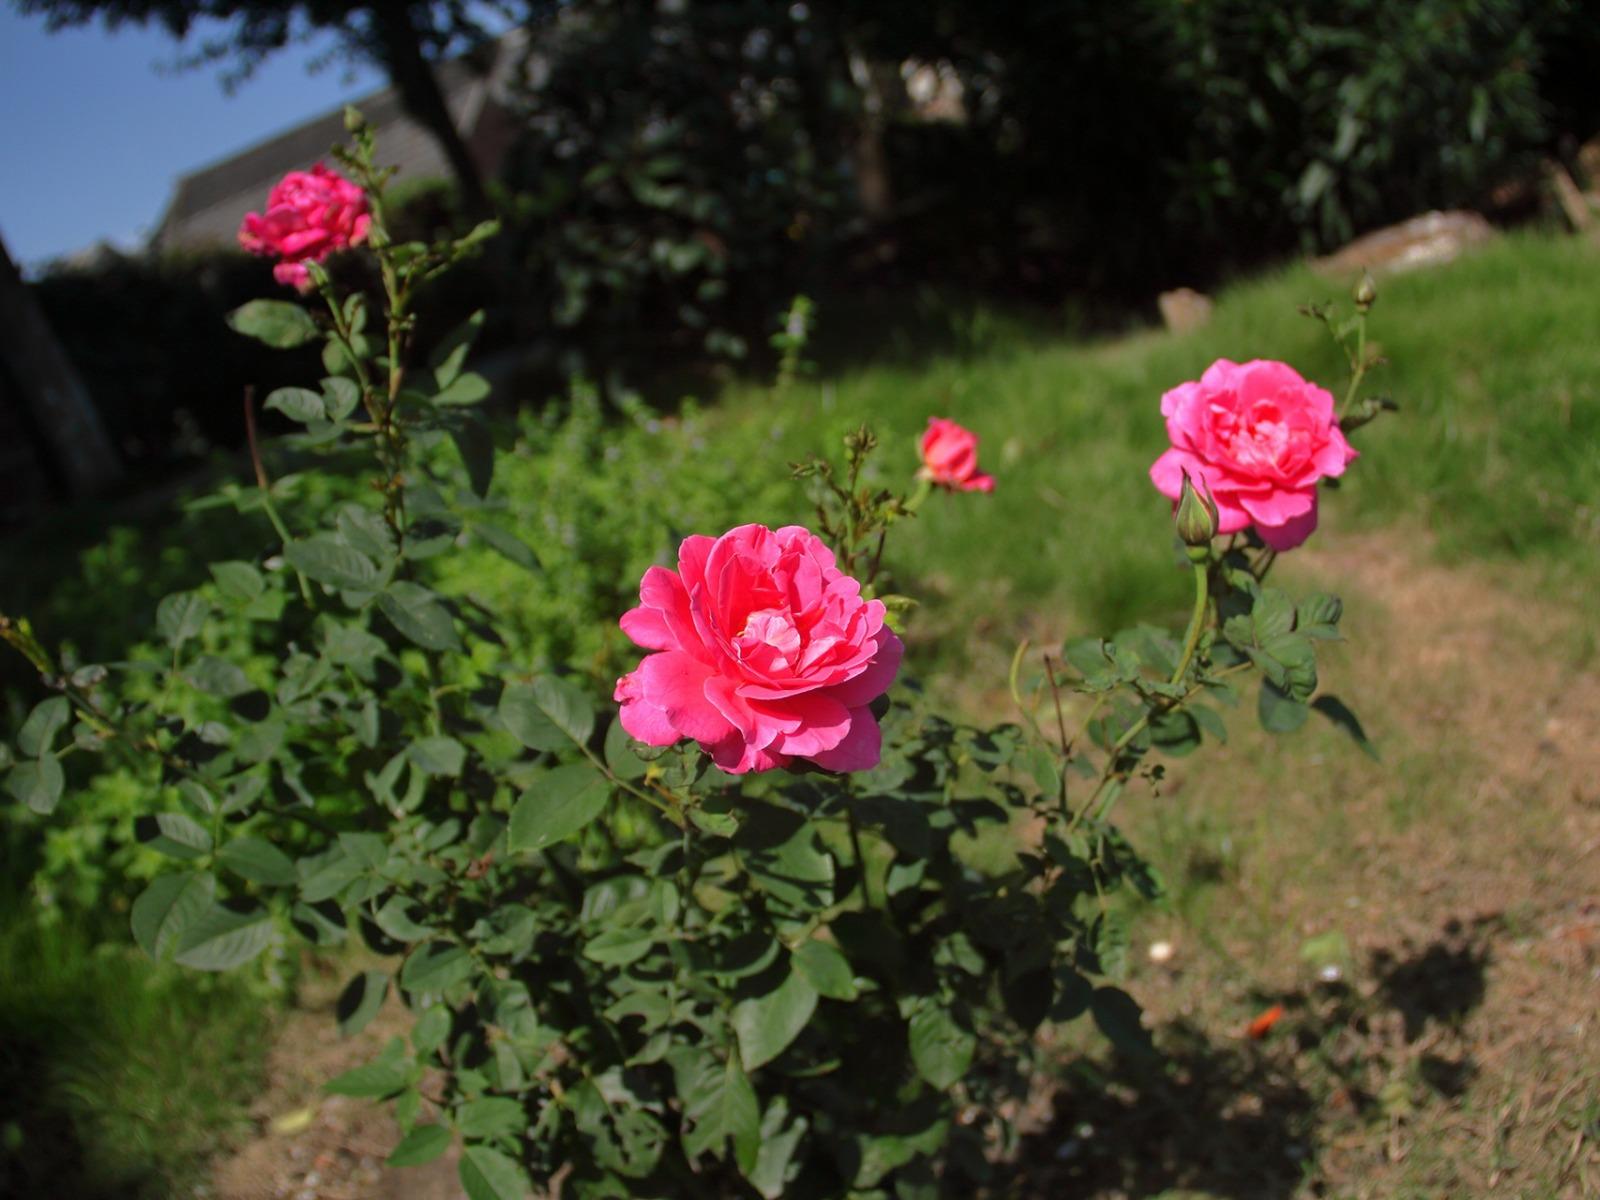 صوره صور ورود طبيعيه , جمال الورد الطبيعى